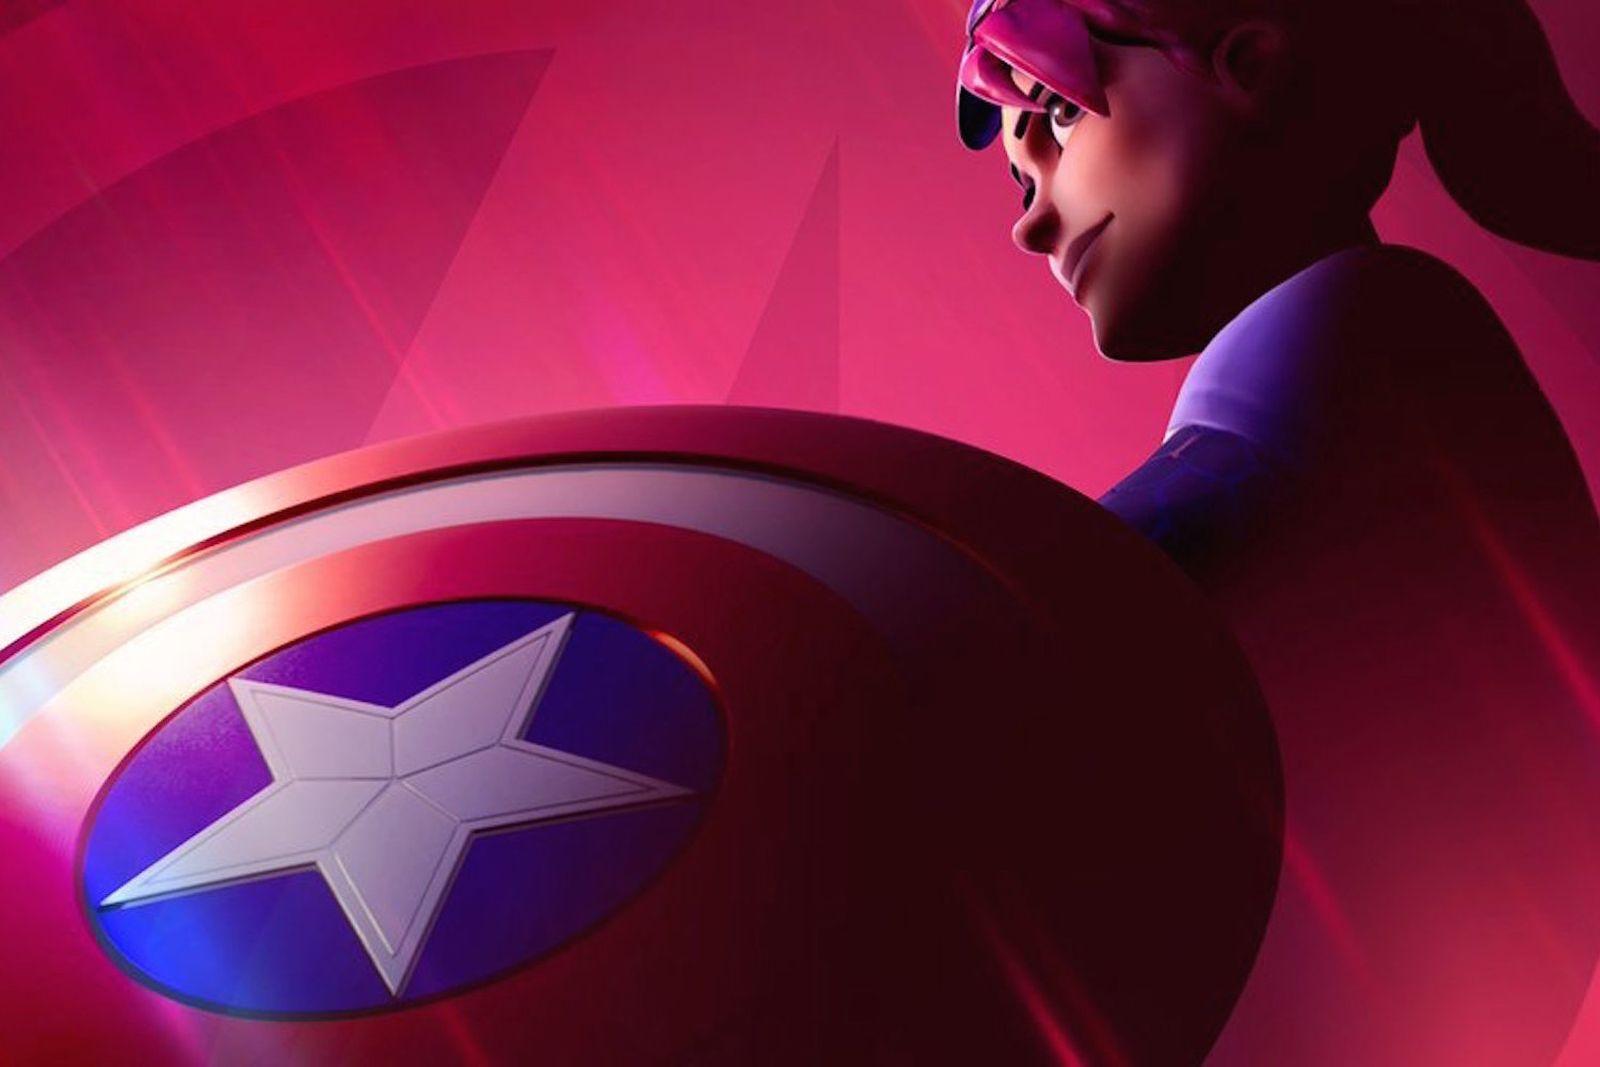 fortnite avengers endgame crossover Avengers: Endgame marvel